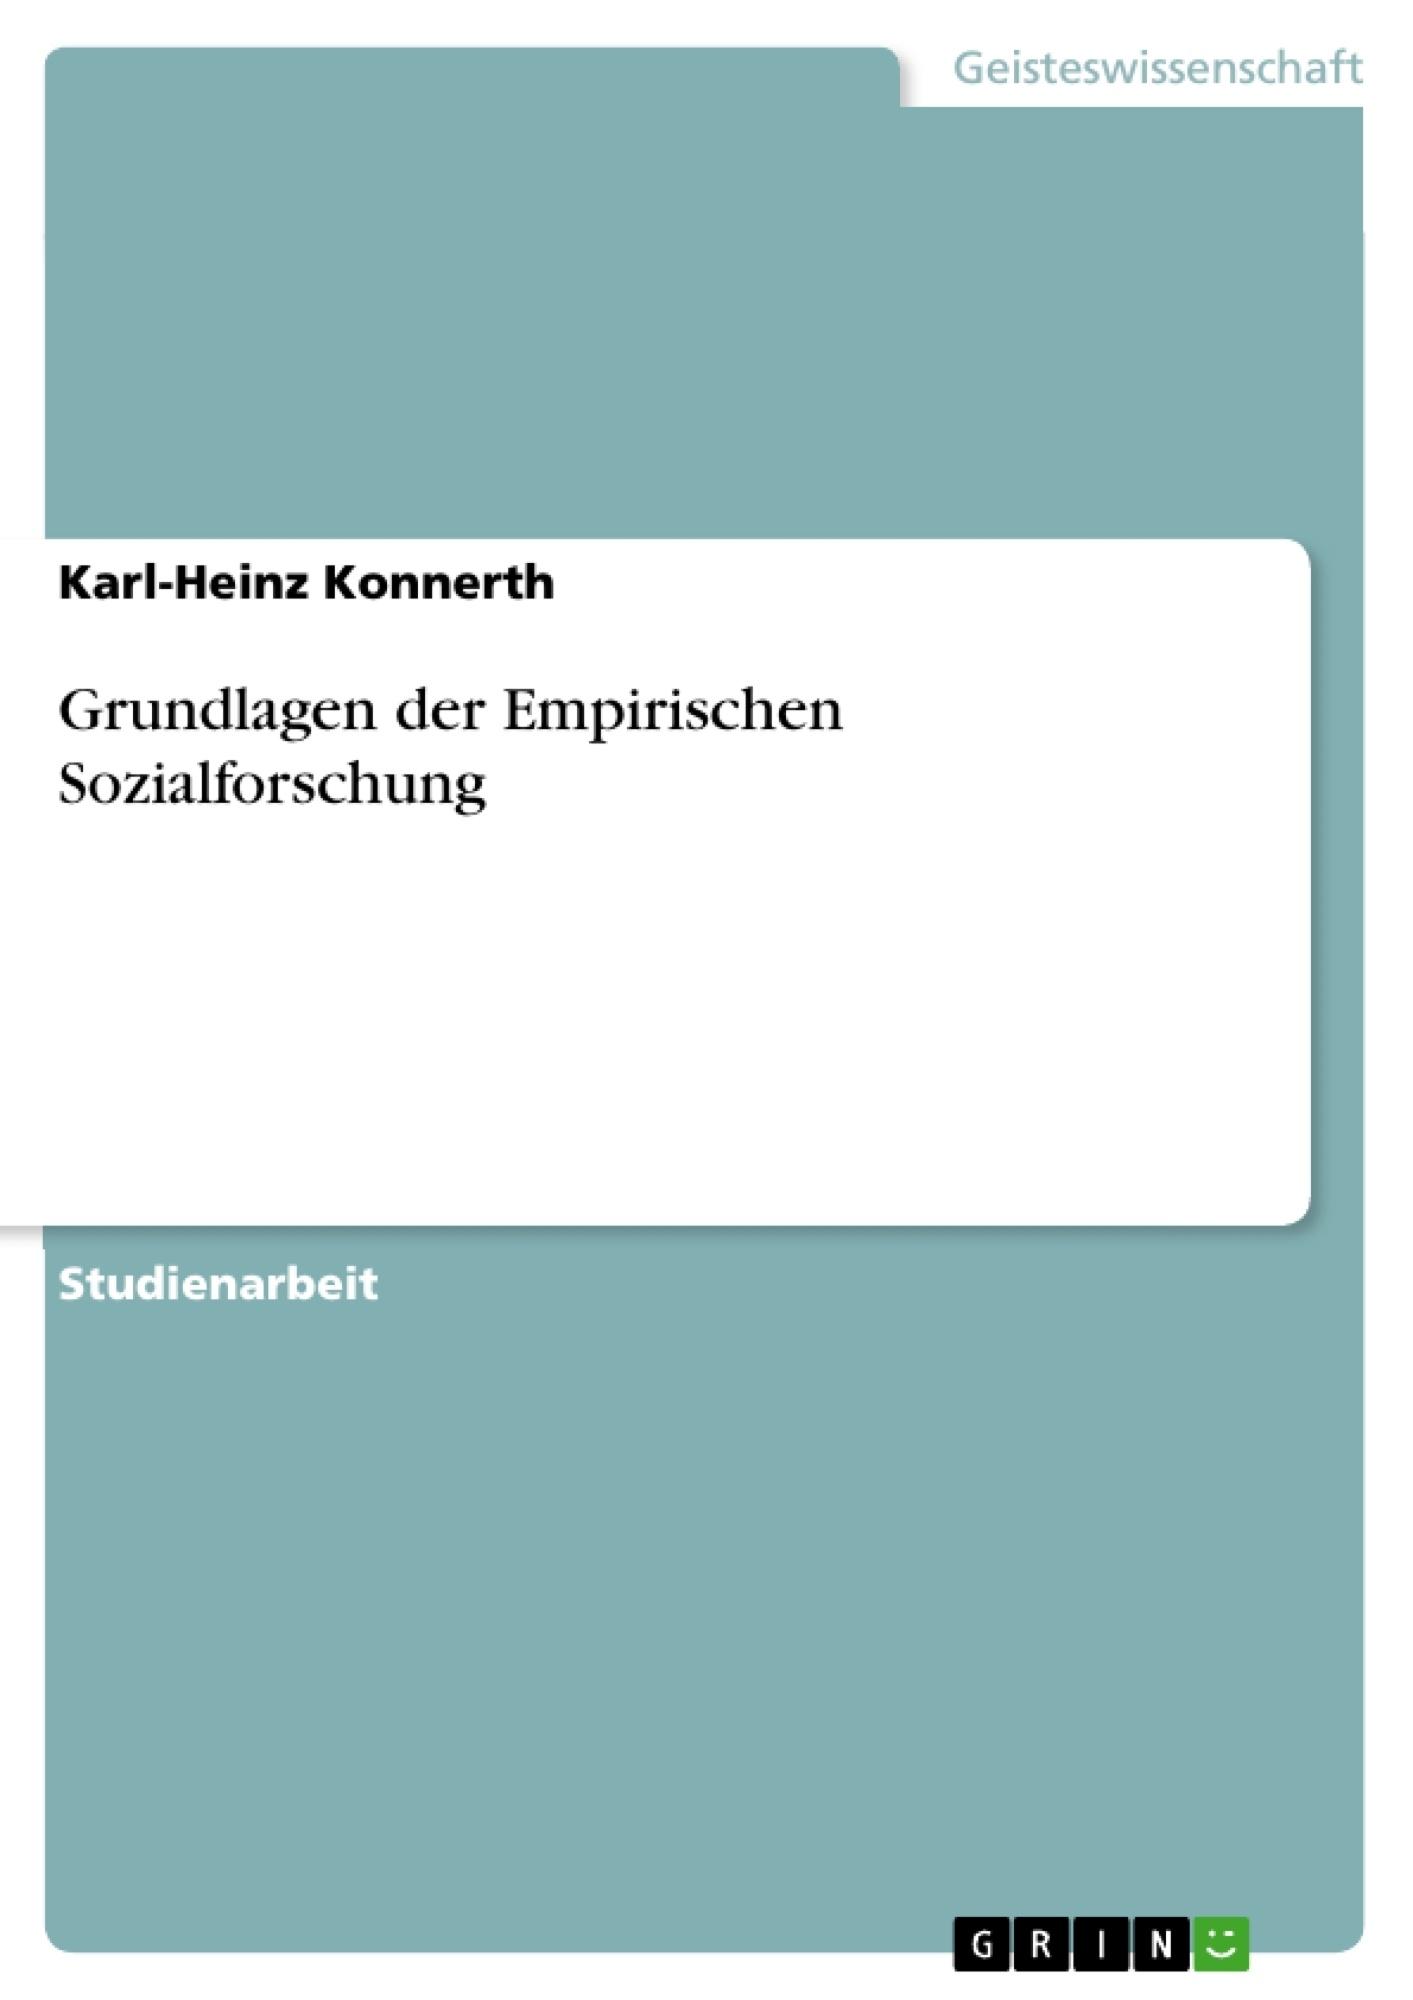 Titel: Grundlagen der Empirischen Sozialforschung